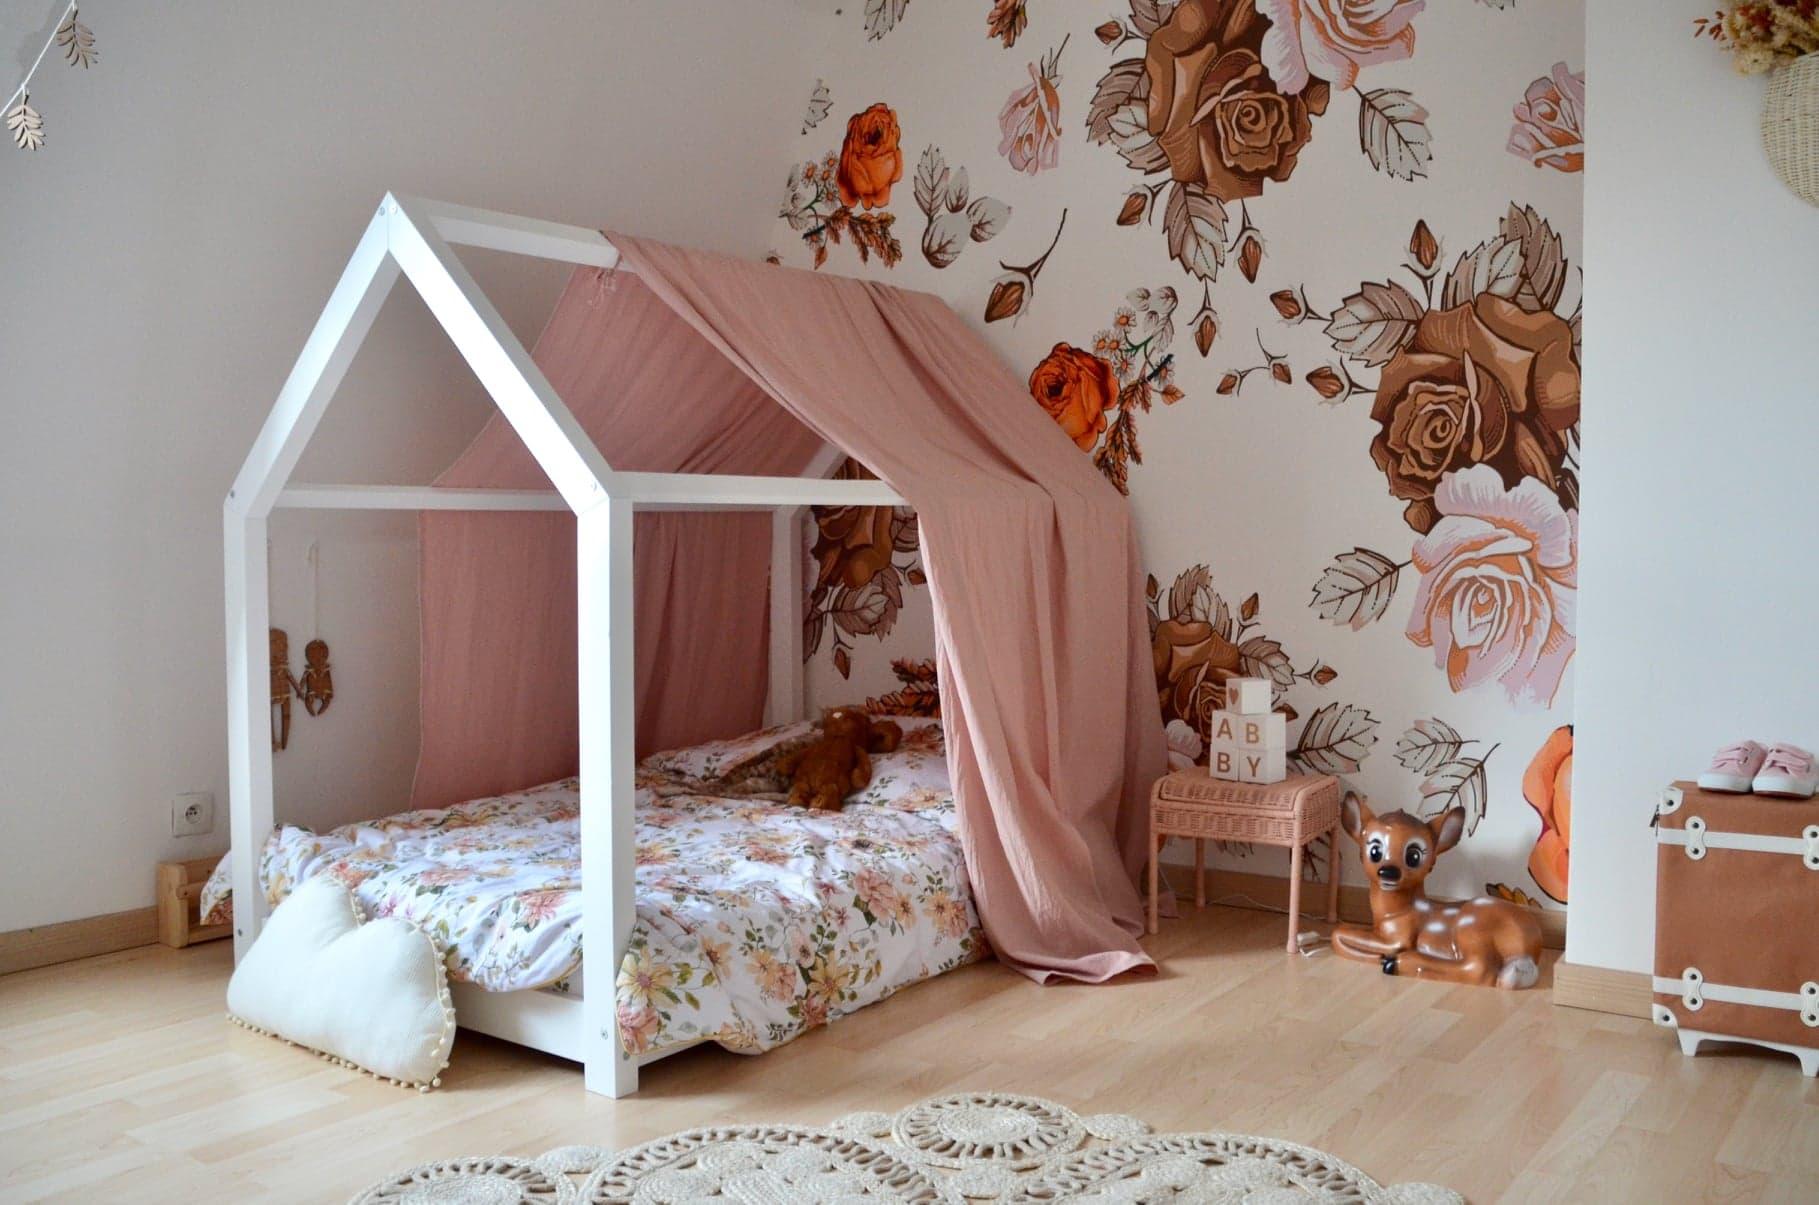 Le lit cabane, jusqu'à quel âge ?